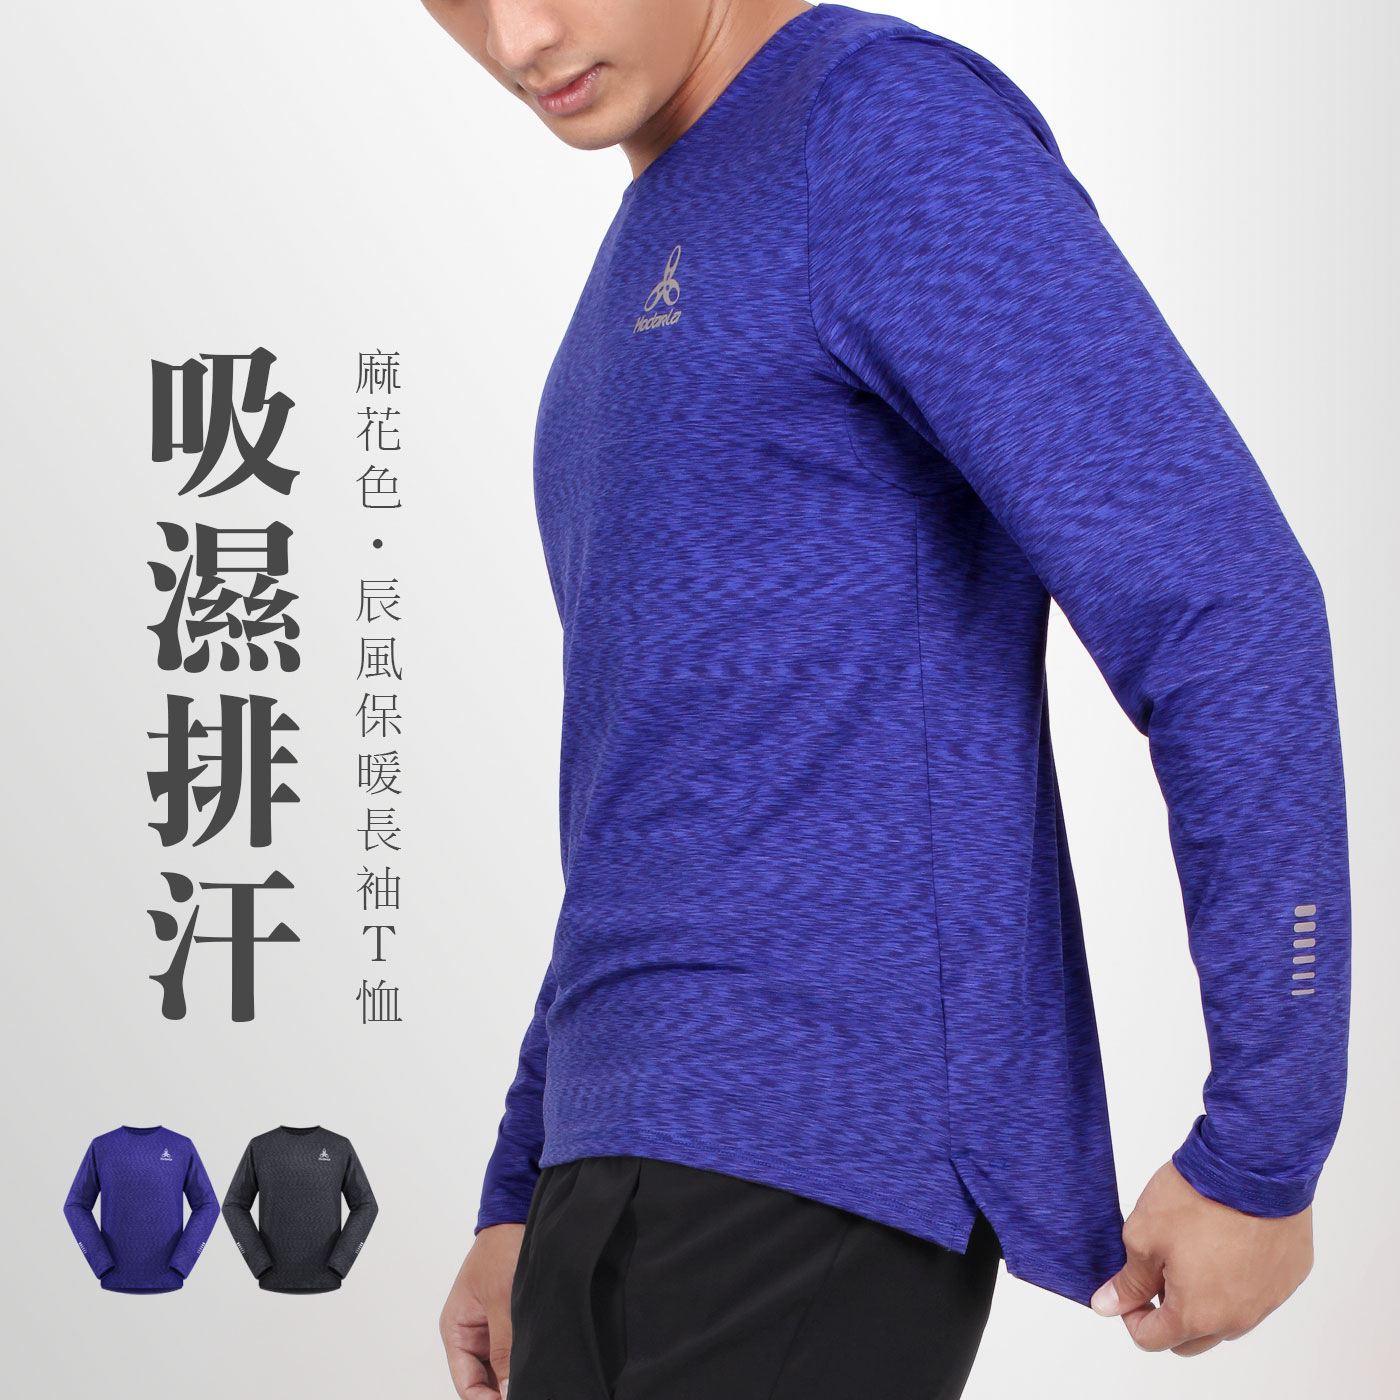 HODARLA 辰風保暖長袖T恤 3161401